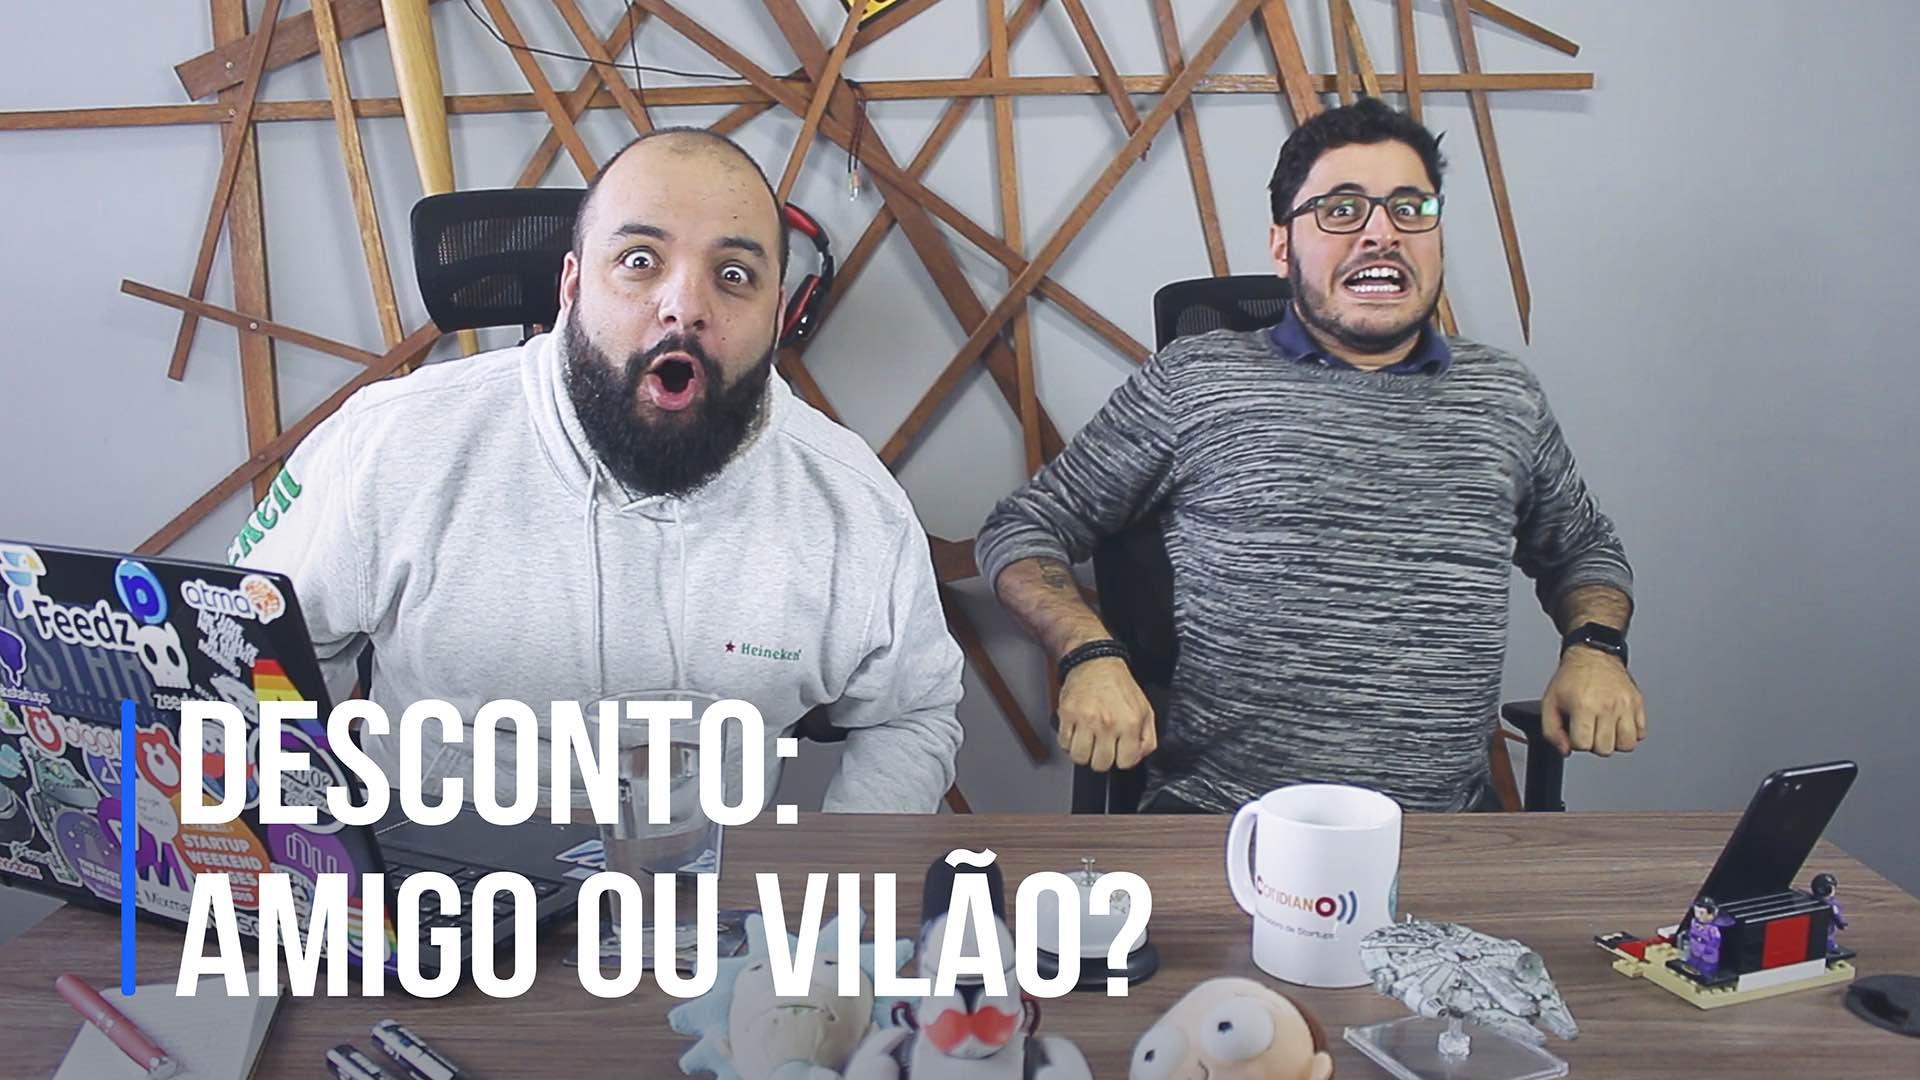 Desconto: Amigo ou Vilão?